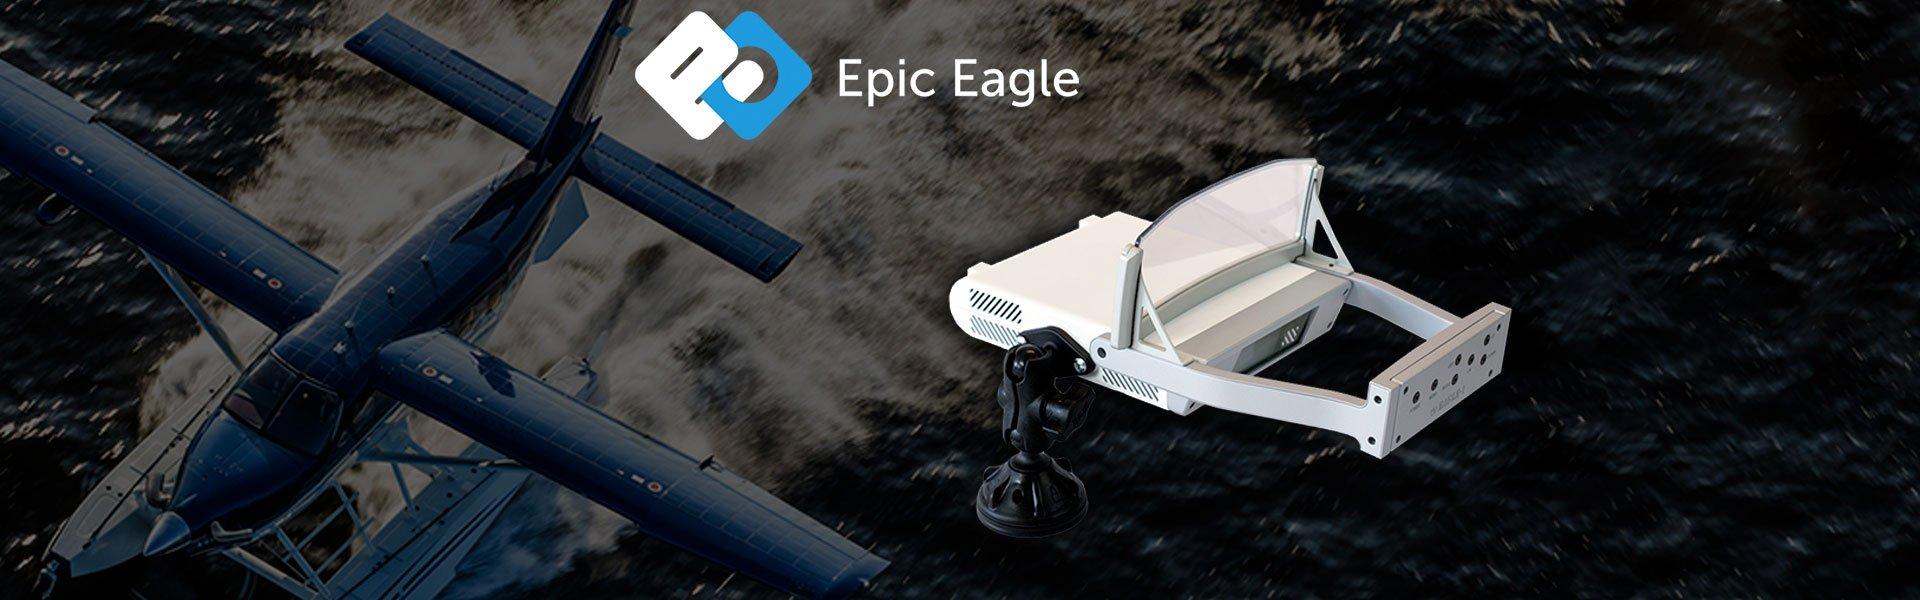 Epic Eagle HUD Heads Up Display